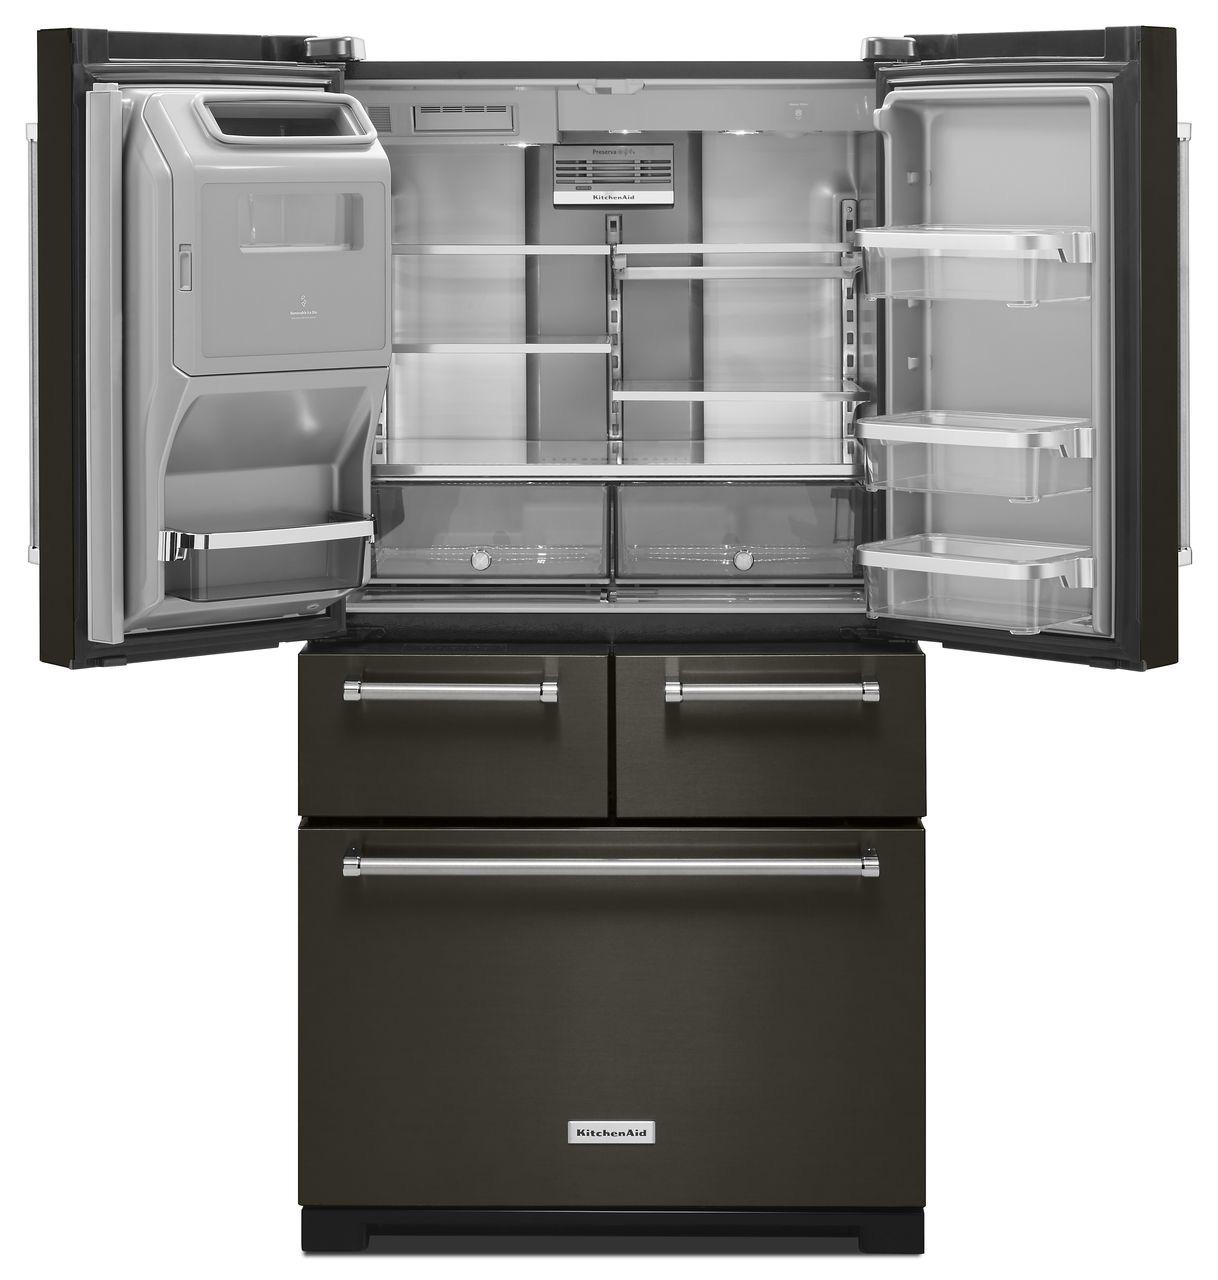 kitchenaid refrigerator black stainless - Kitchen Design